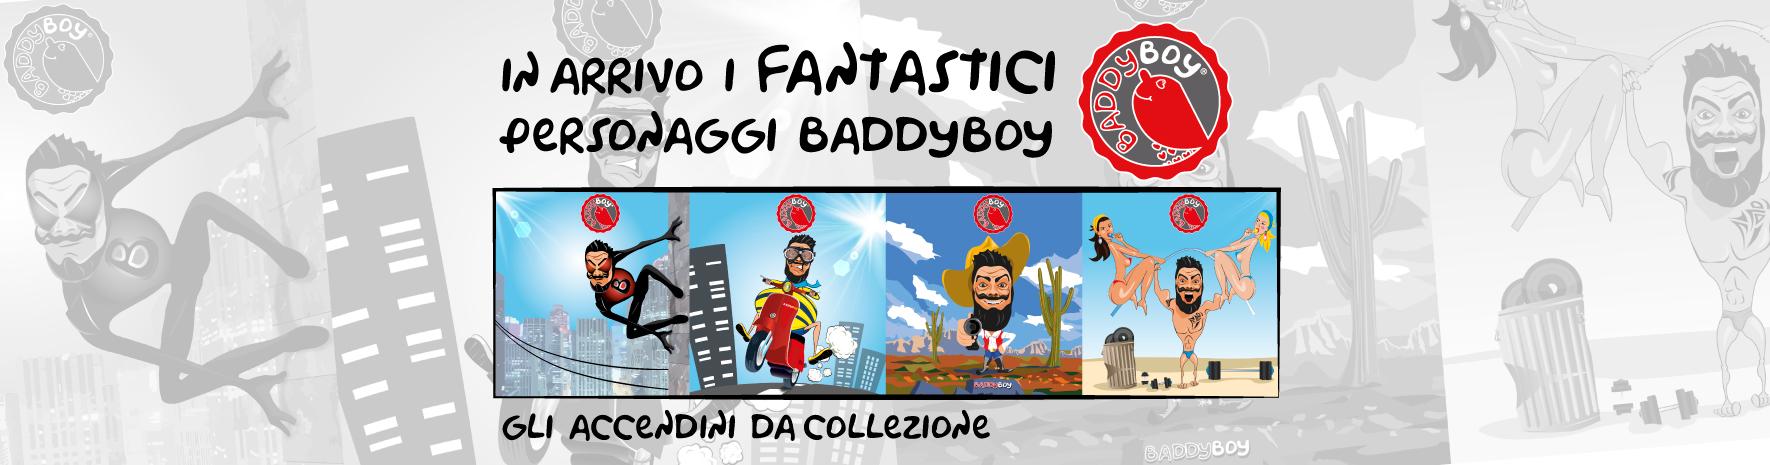 accendini-baddyboy01